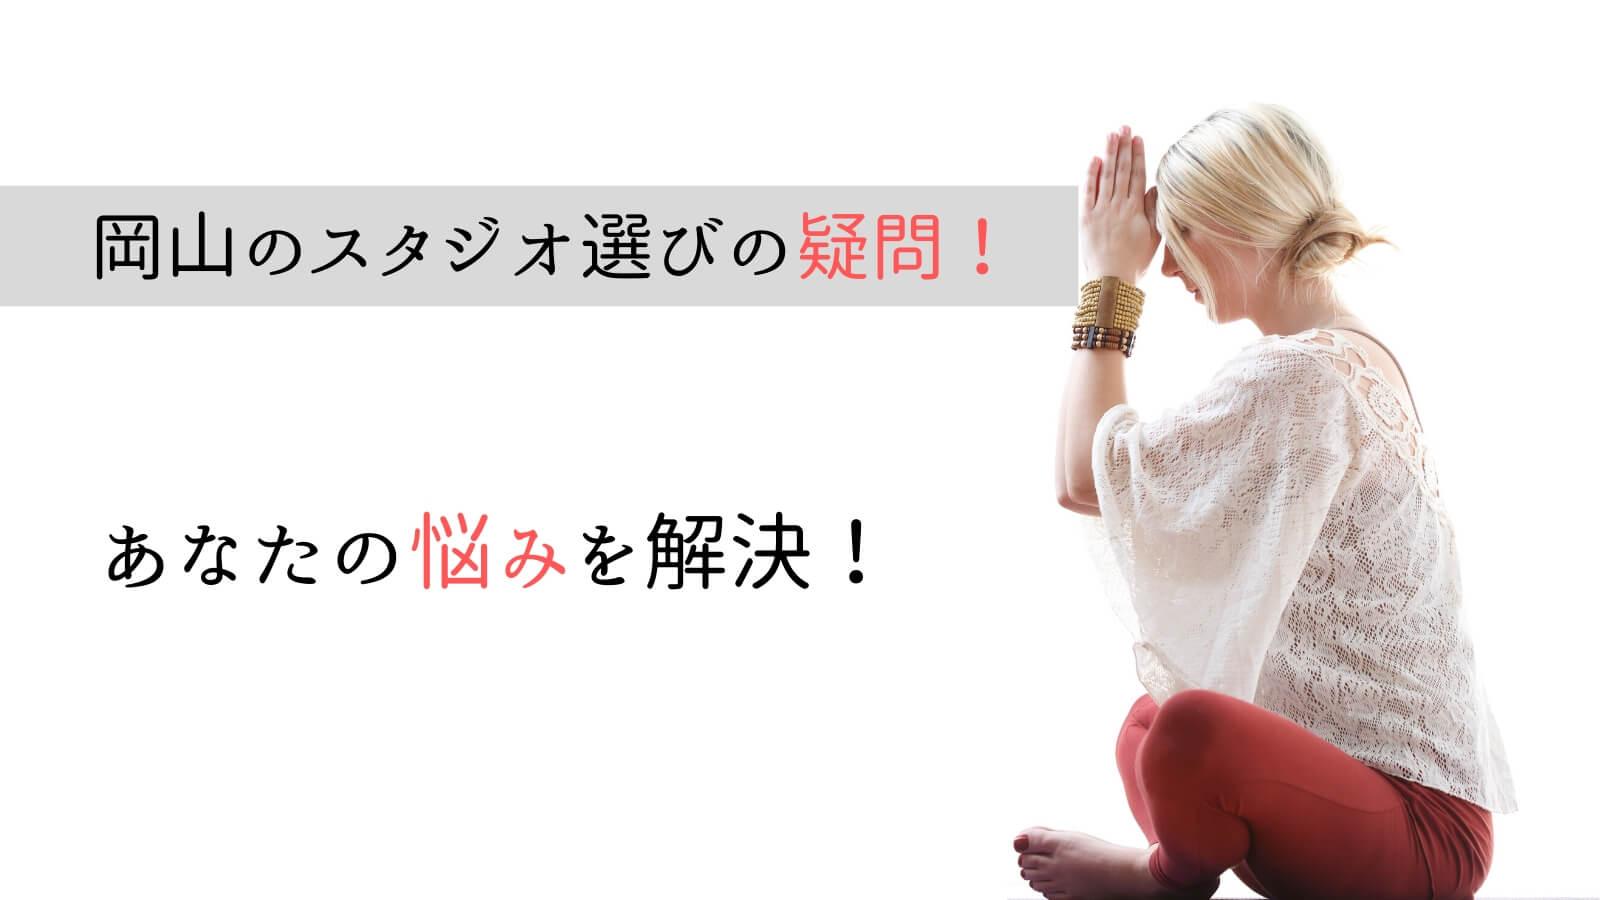 岡山でのヨガ・ホットヨガスタジオ選びに関するQ&A